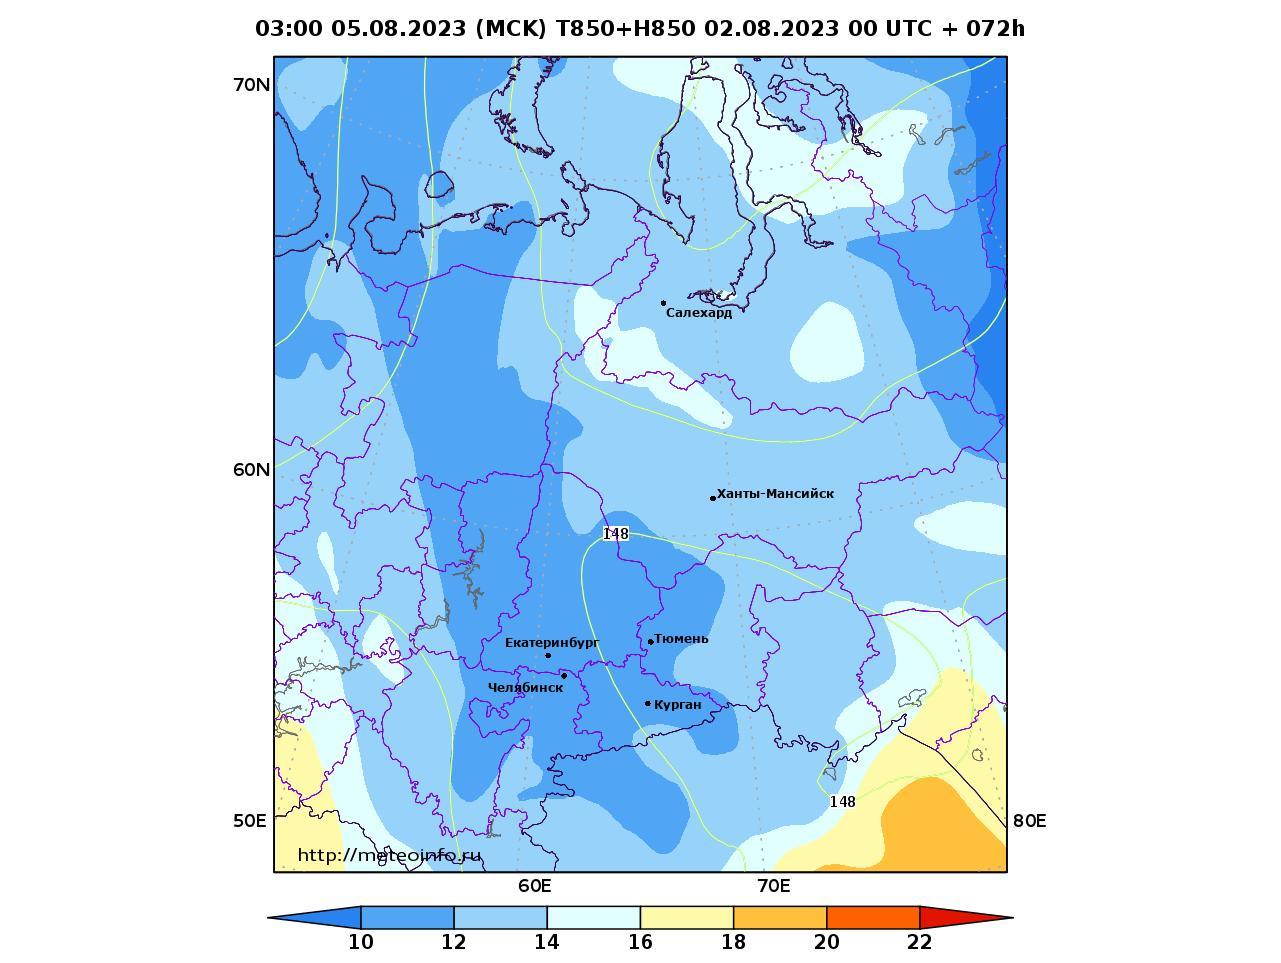 Уральский Федеральный округ, прогностическая карта температура T850 и геопотенциал H850, заблаговременность прогноза 72 часа